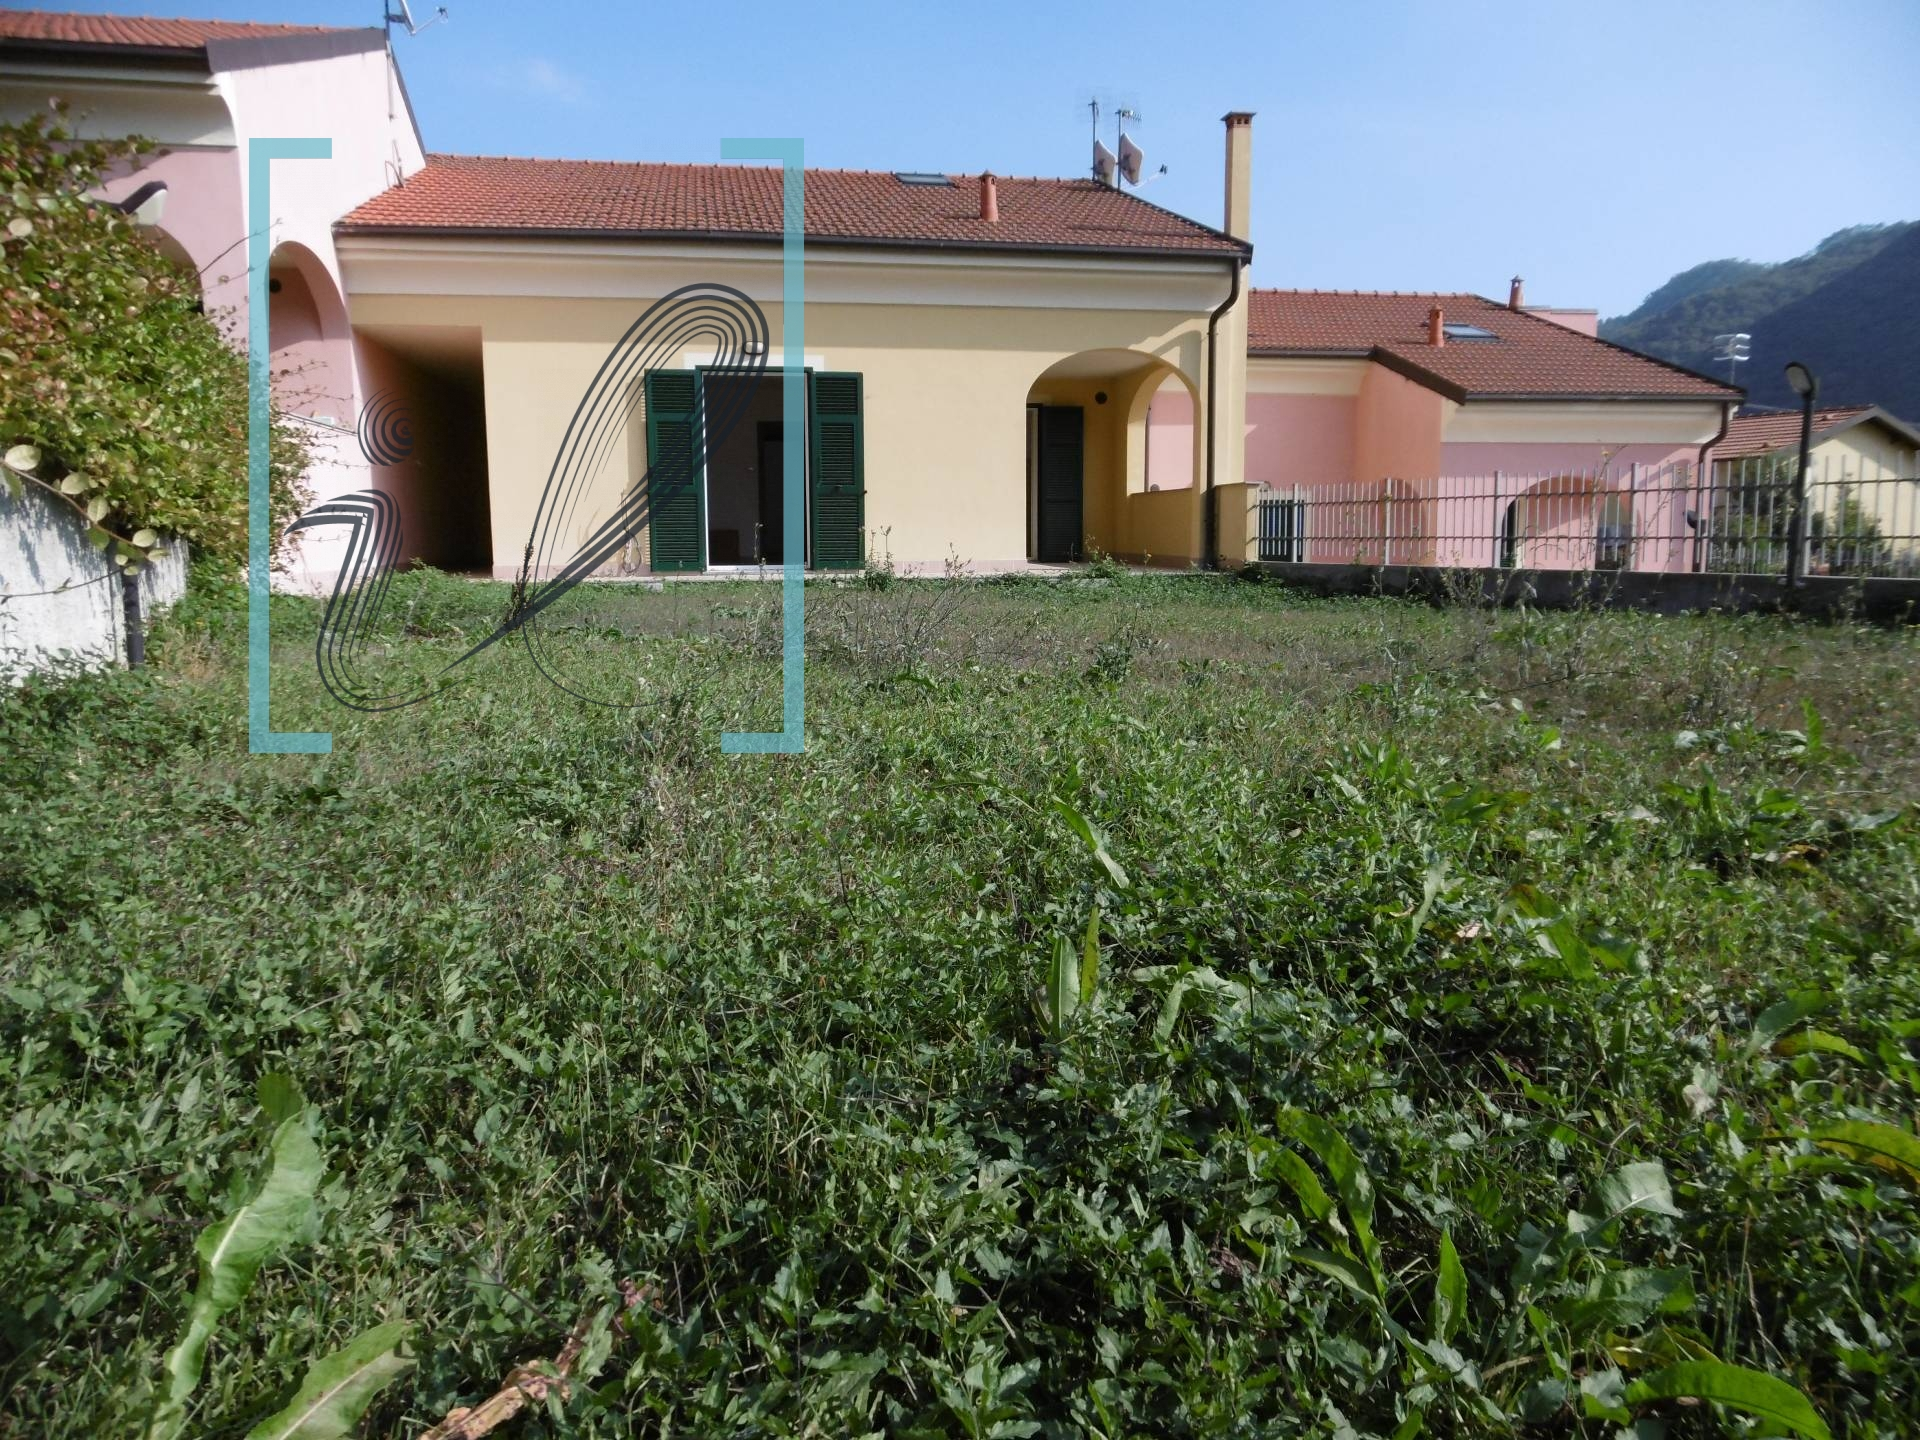 Villa in vendita a Ortovero, 5 locali, prezzo € 298.000 | CambioCasa.it